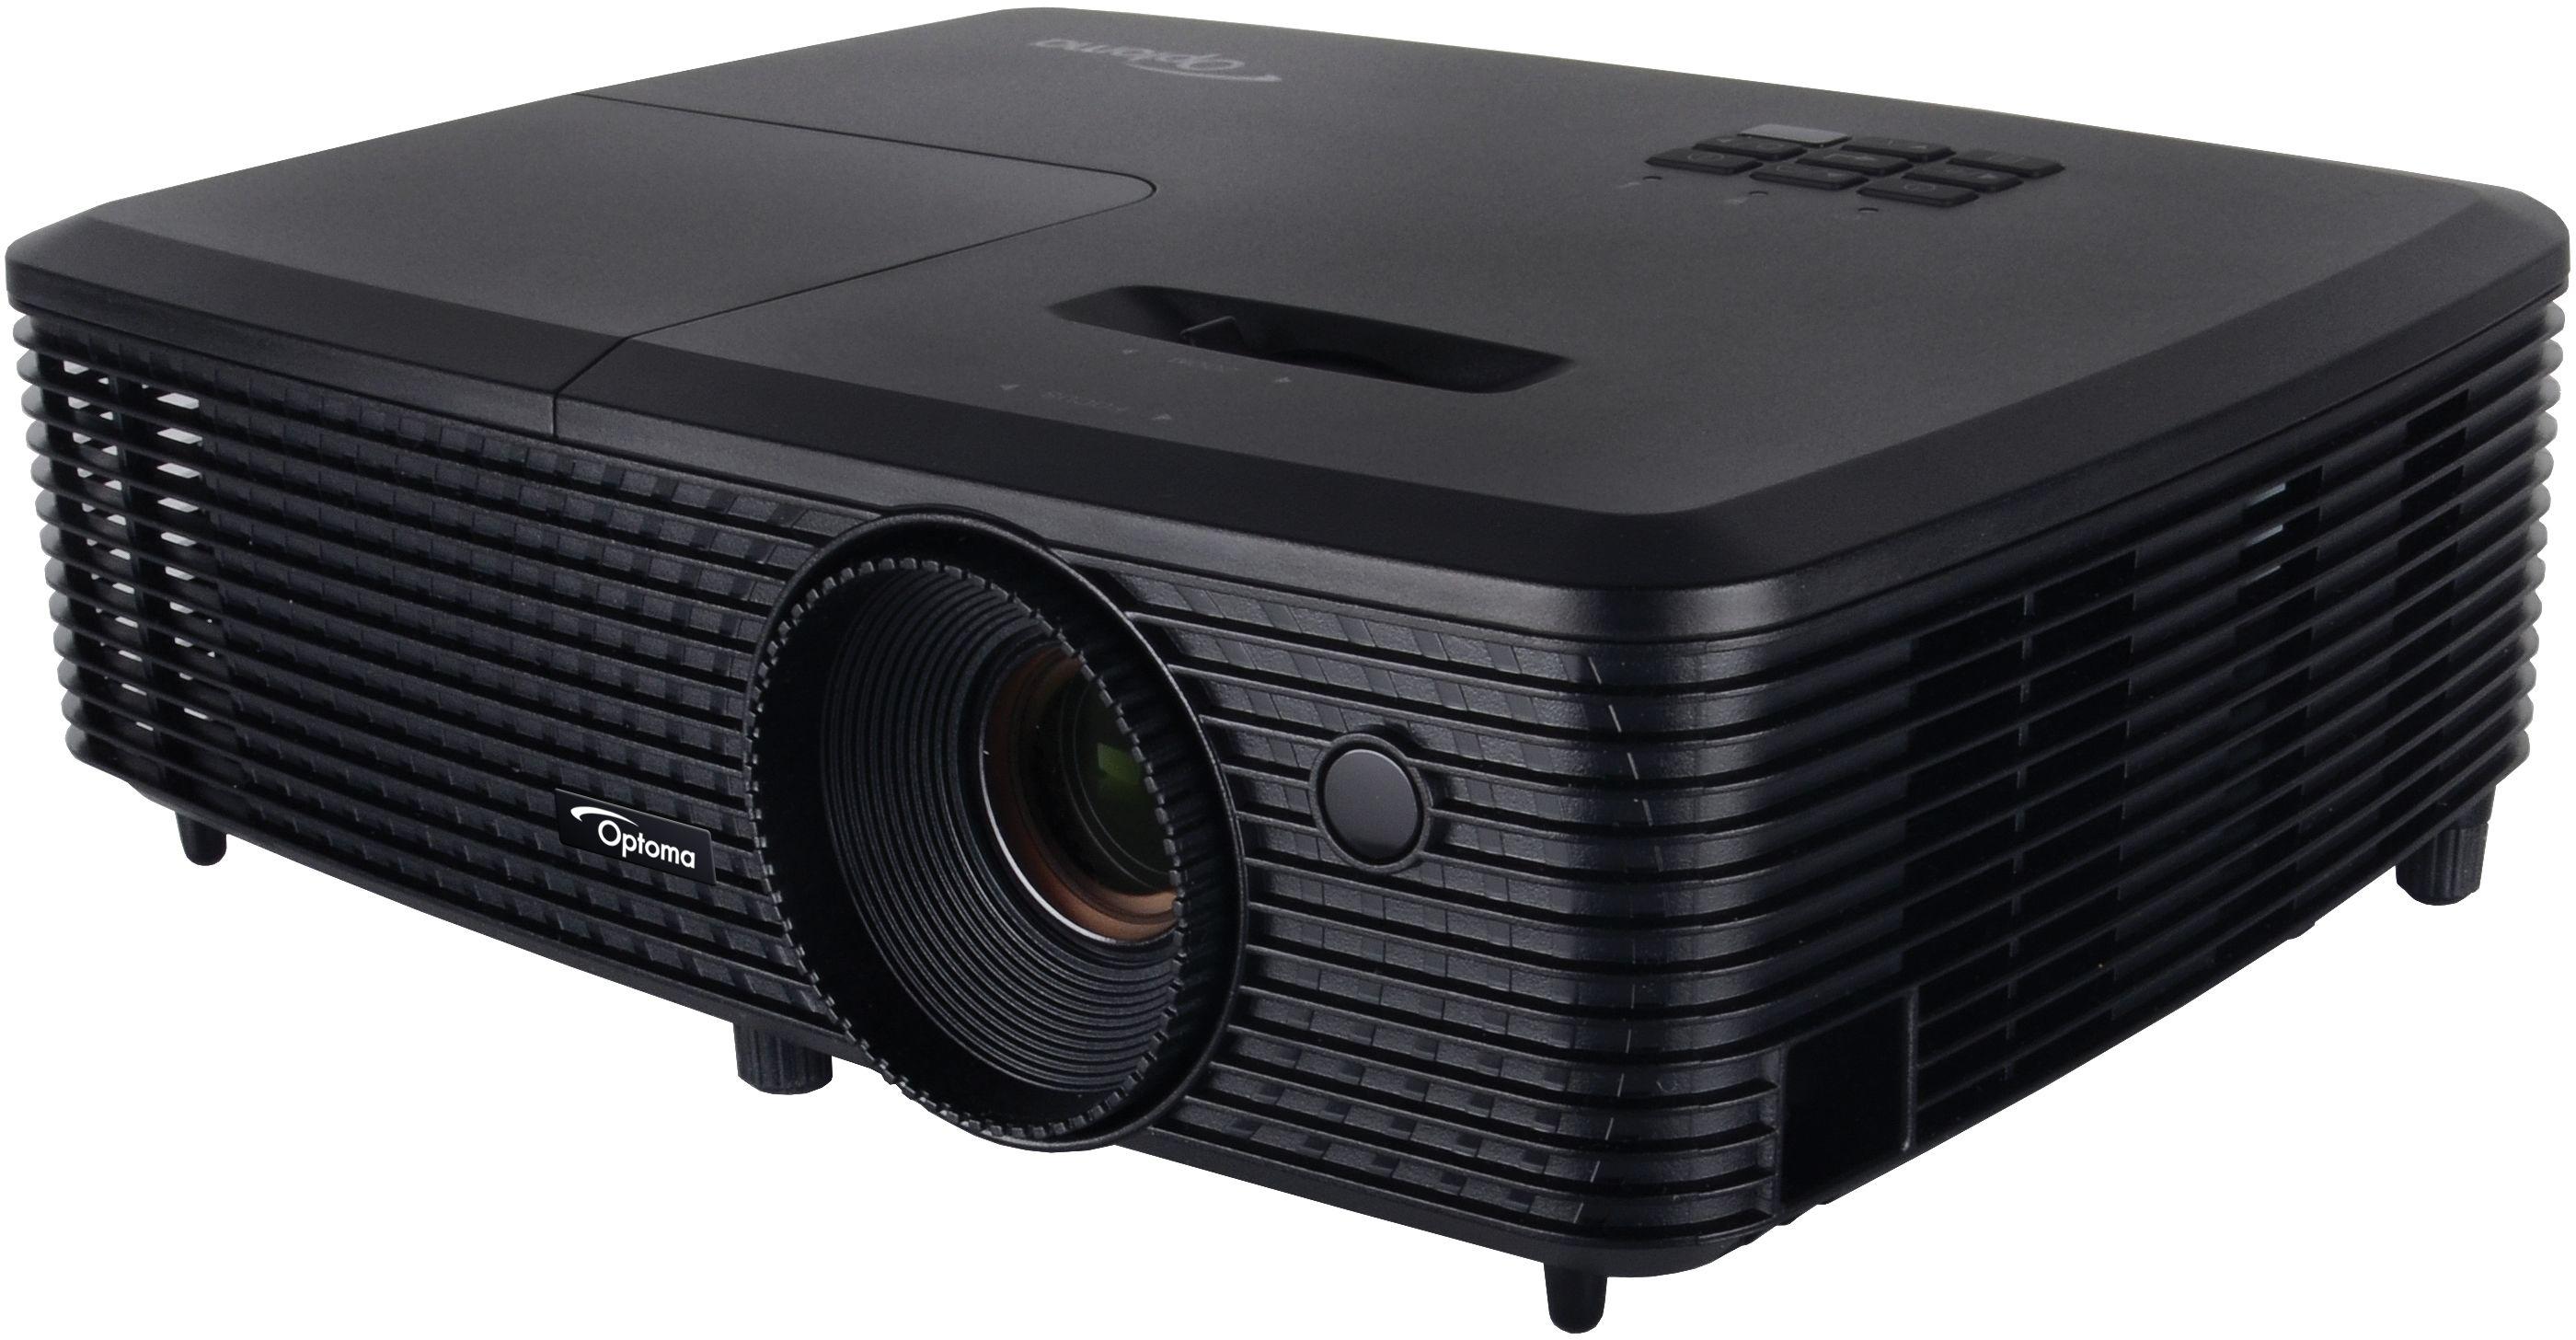 Projektor Optoma X340 - Projektor archiwalny - dobierzemy najlepszy zamiennik: 71 784 97 60